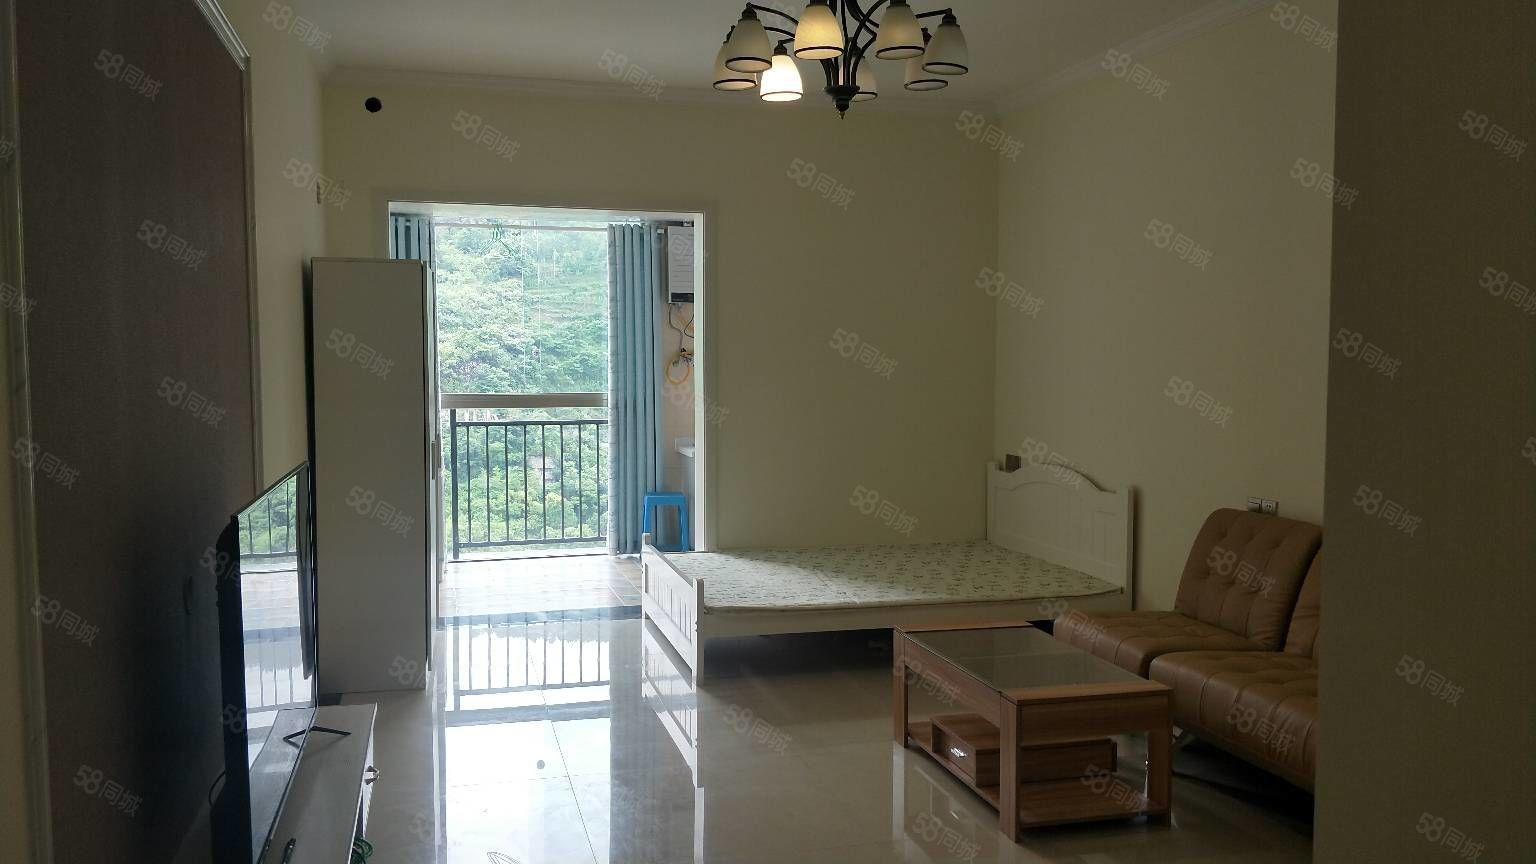 蟠龙首府1室一厅一卫精装修拎包入住